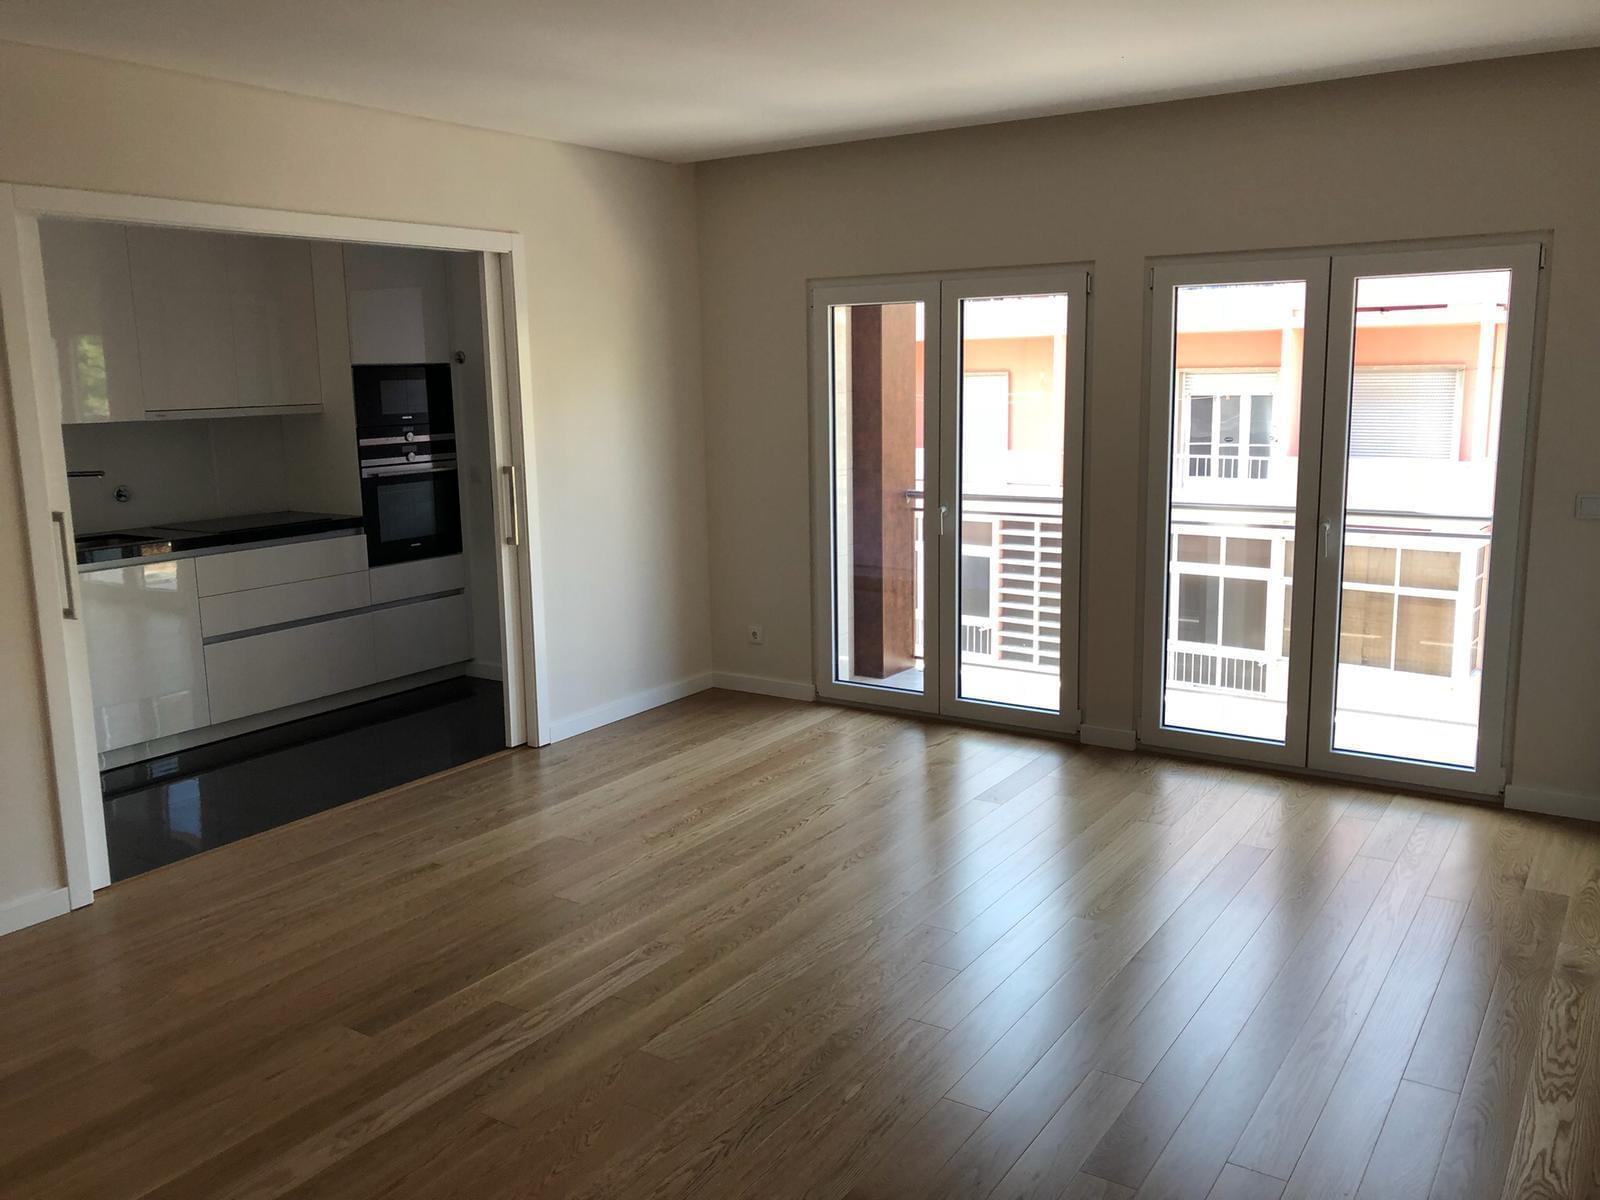 pf18232-apartamento-t2-lisboa-8185b148-cd2c-48f7-bec3-6d7128bb88a2